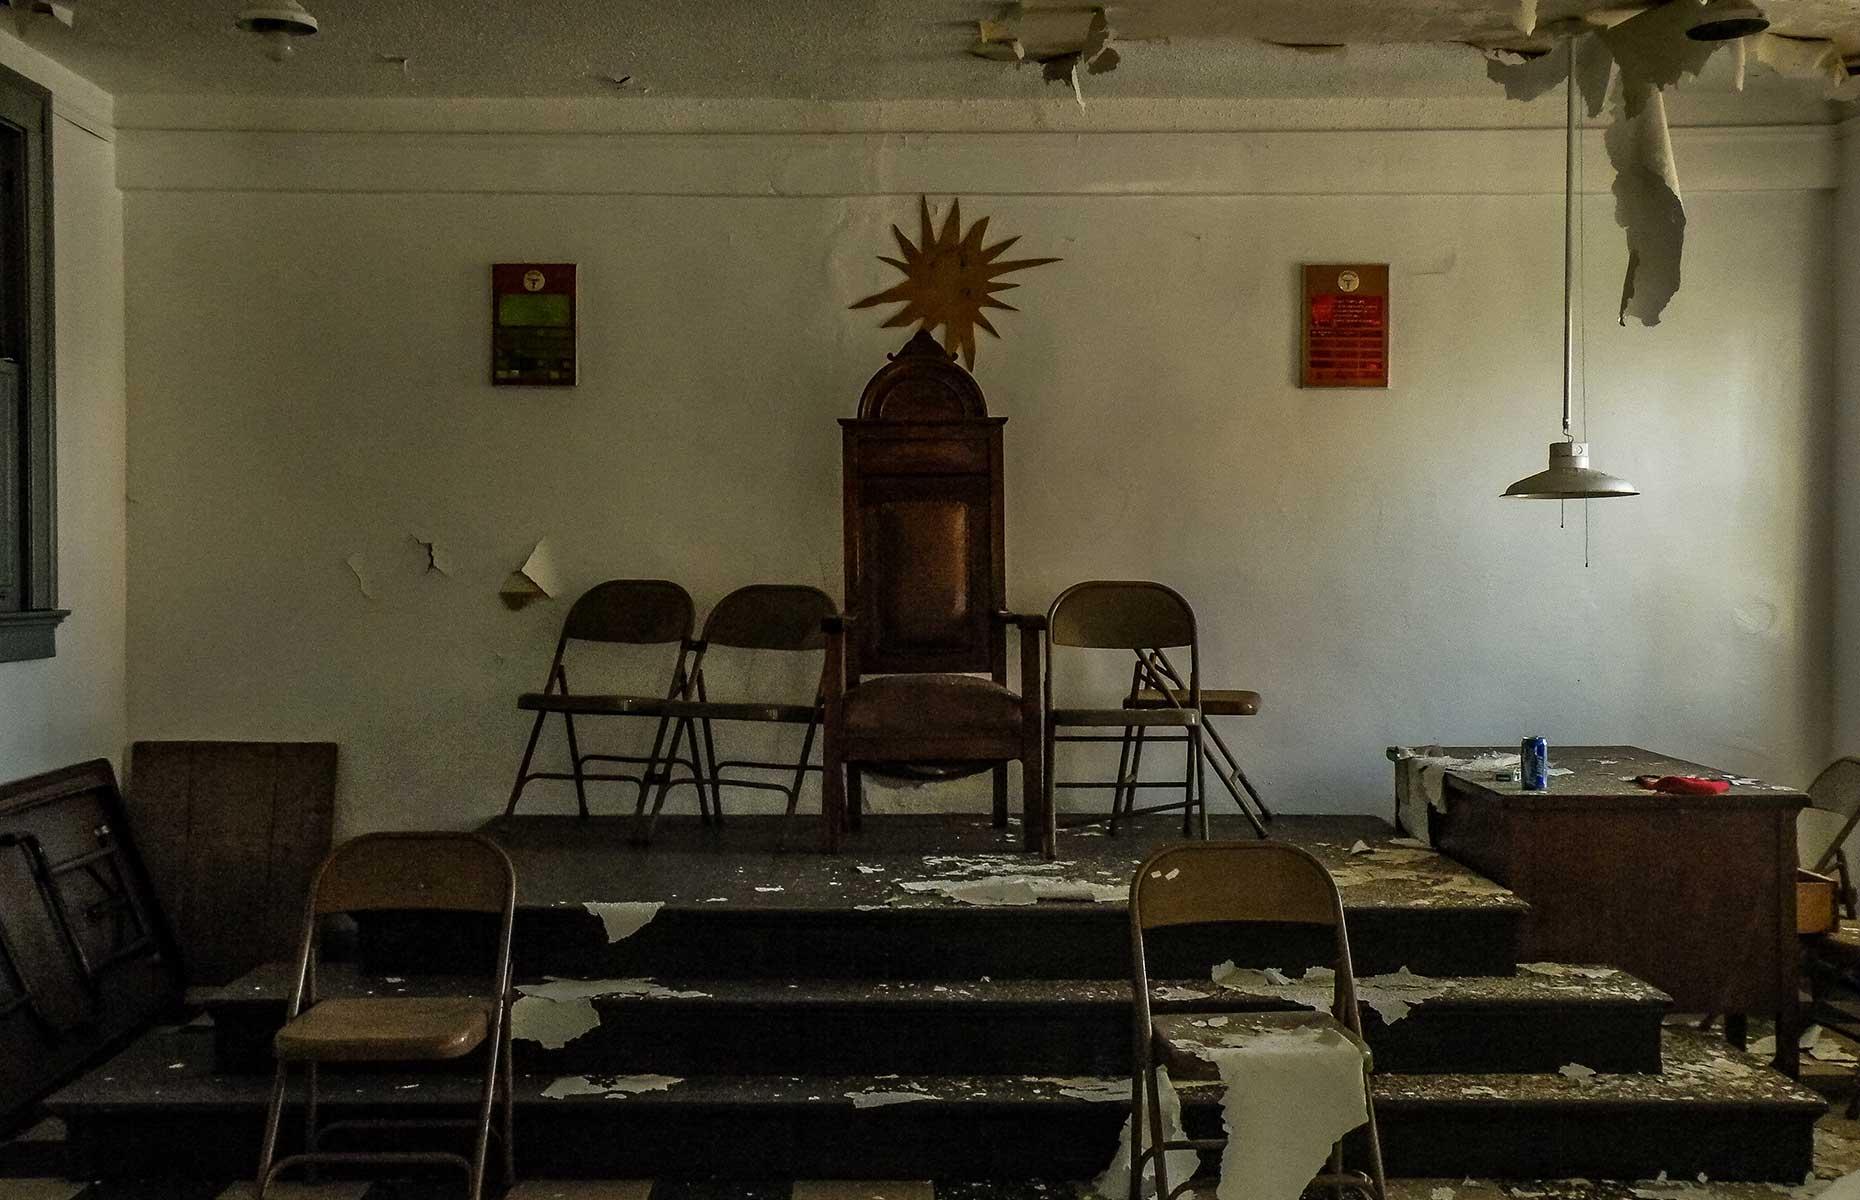 Masonic Temple, Birmingham Alabama (Image: Abandoned Southeast)